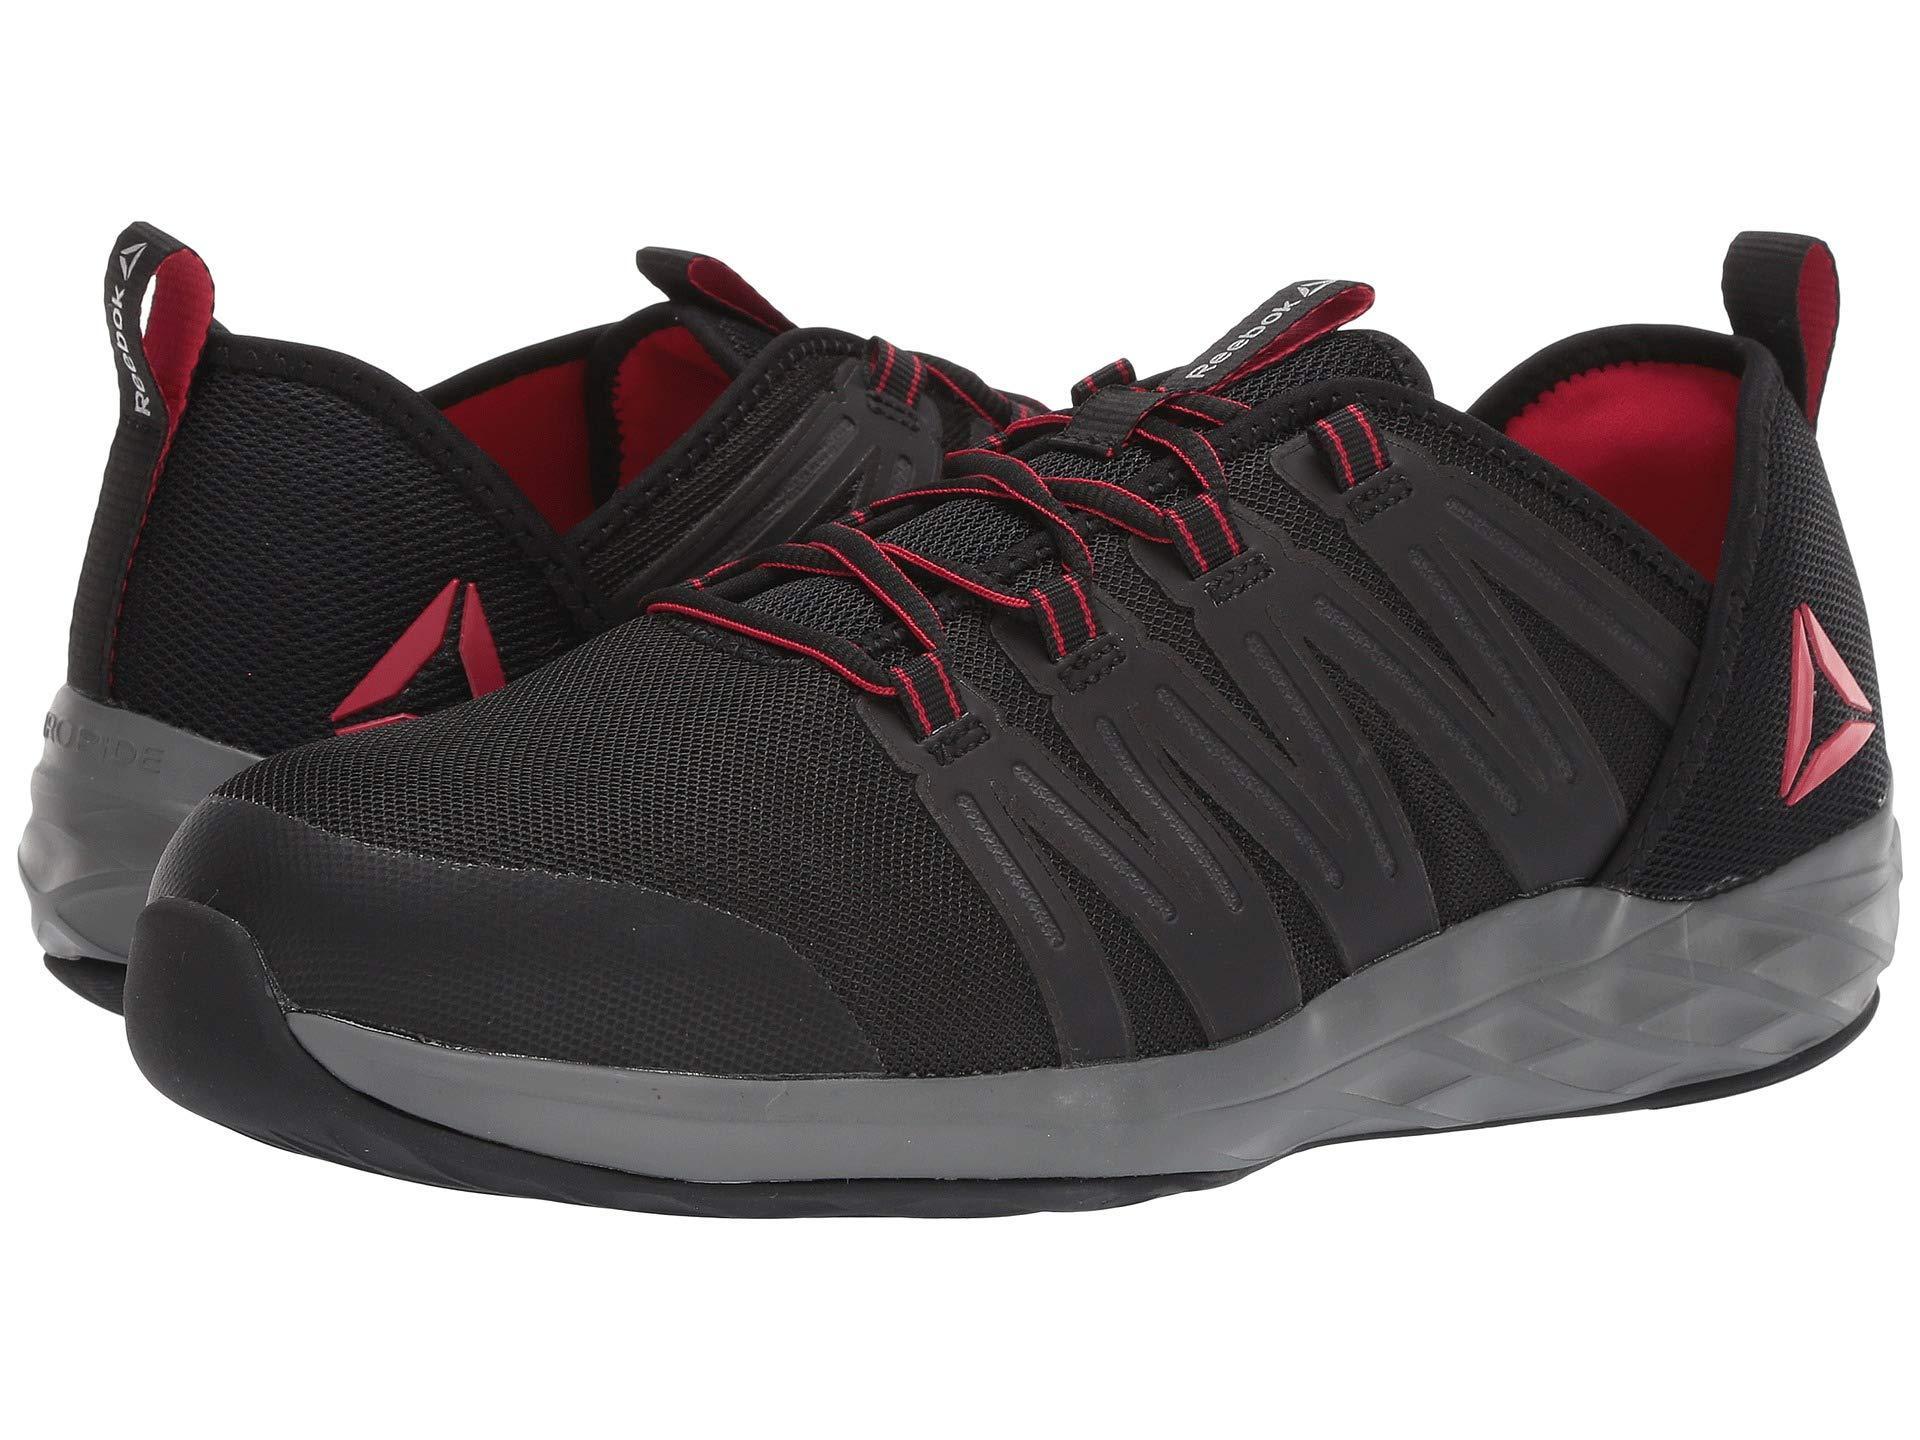 Lyst - Reebok Astroride Work (black dark Grey) Men s Work Boots in ... 8e08d3ad2